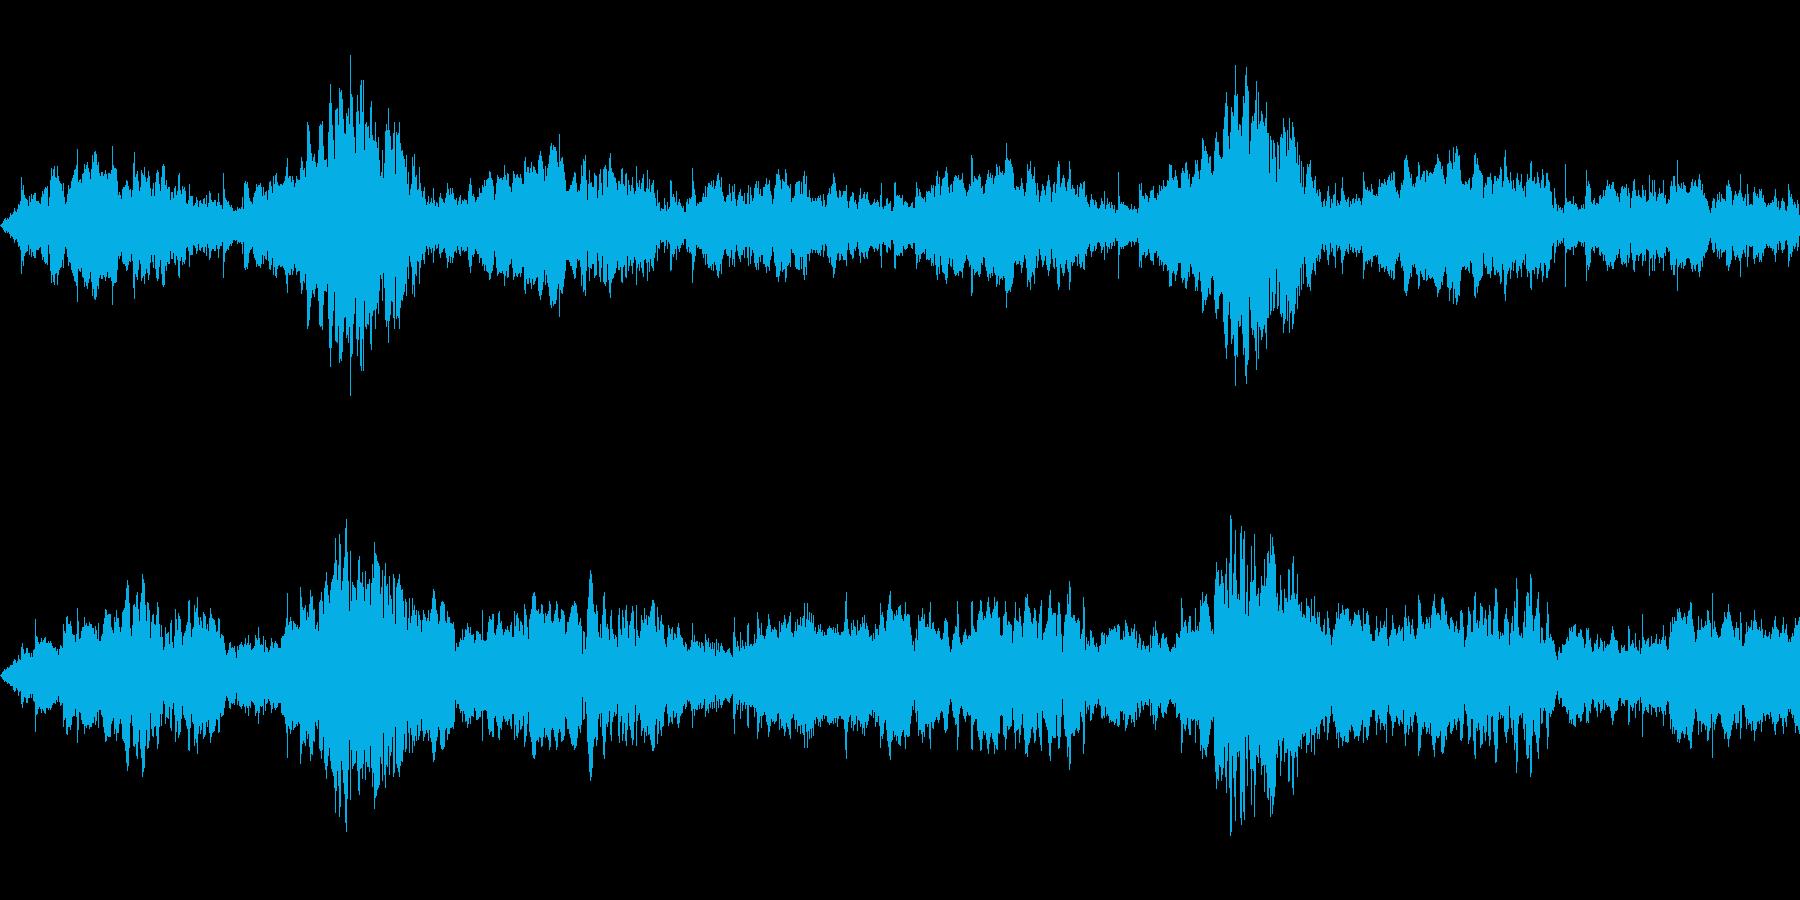 神秘的女性コーラスの幻想的な曲(ループ)の再生済みの波形